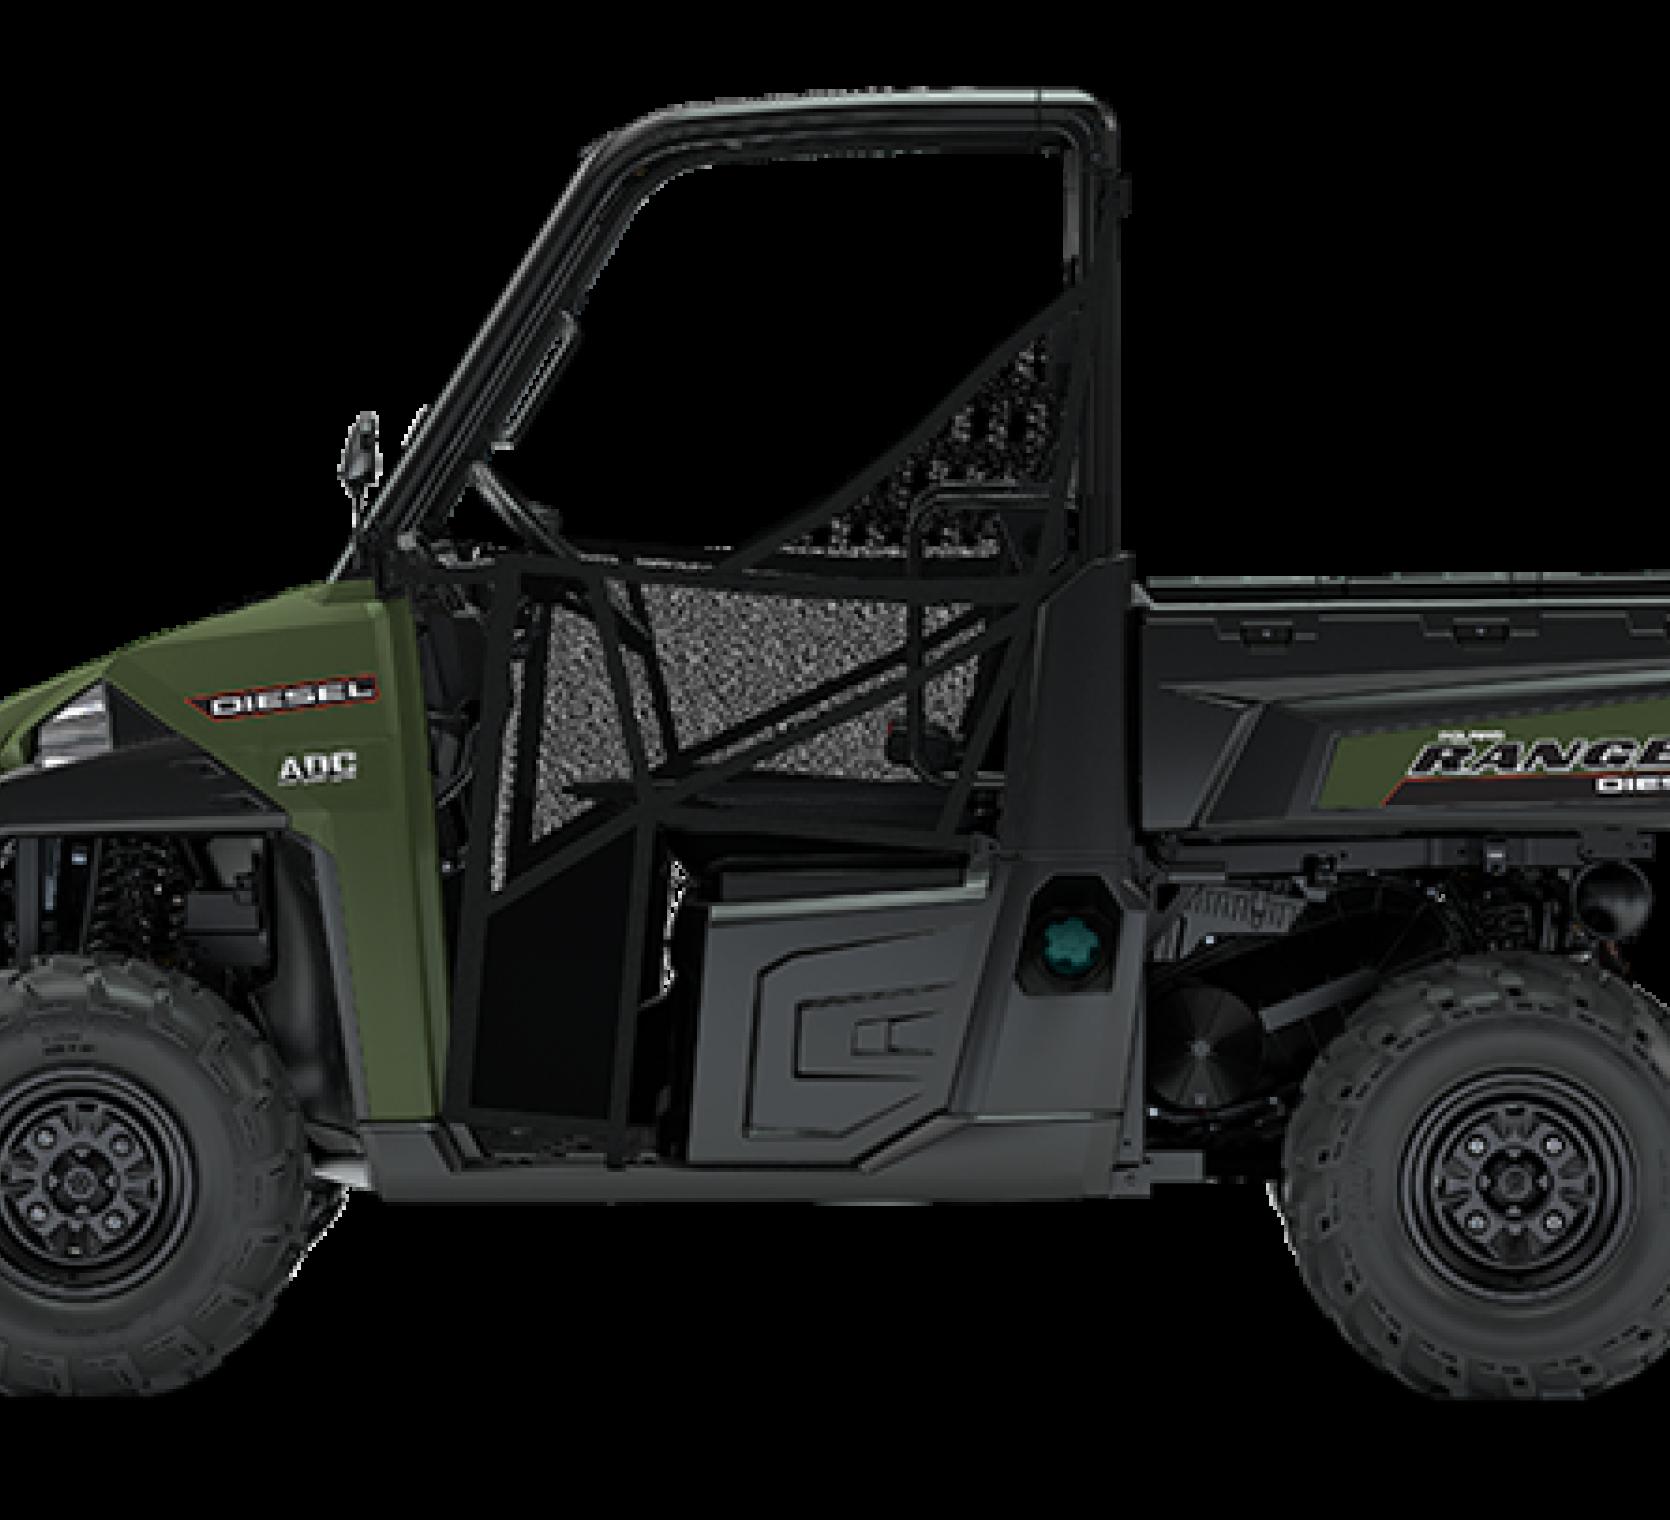 Zielony quad marki Polaris seria RANGER Diesel HD dwuosobowy z bagażnikiem widok na bok pojazdu